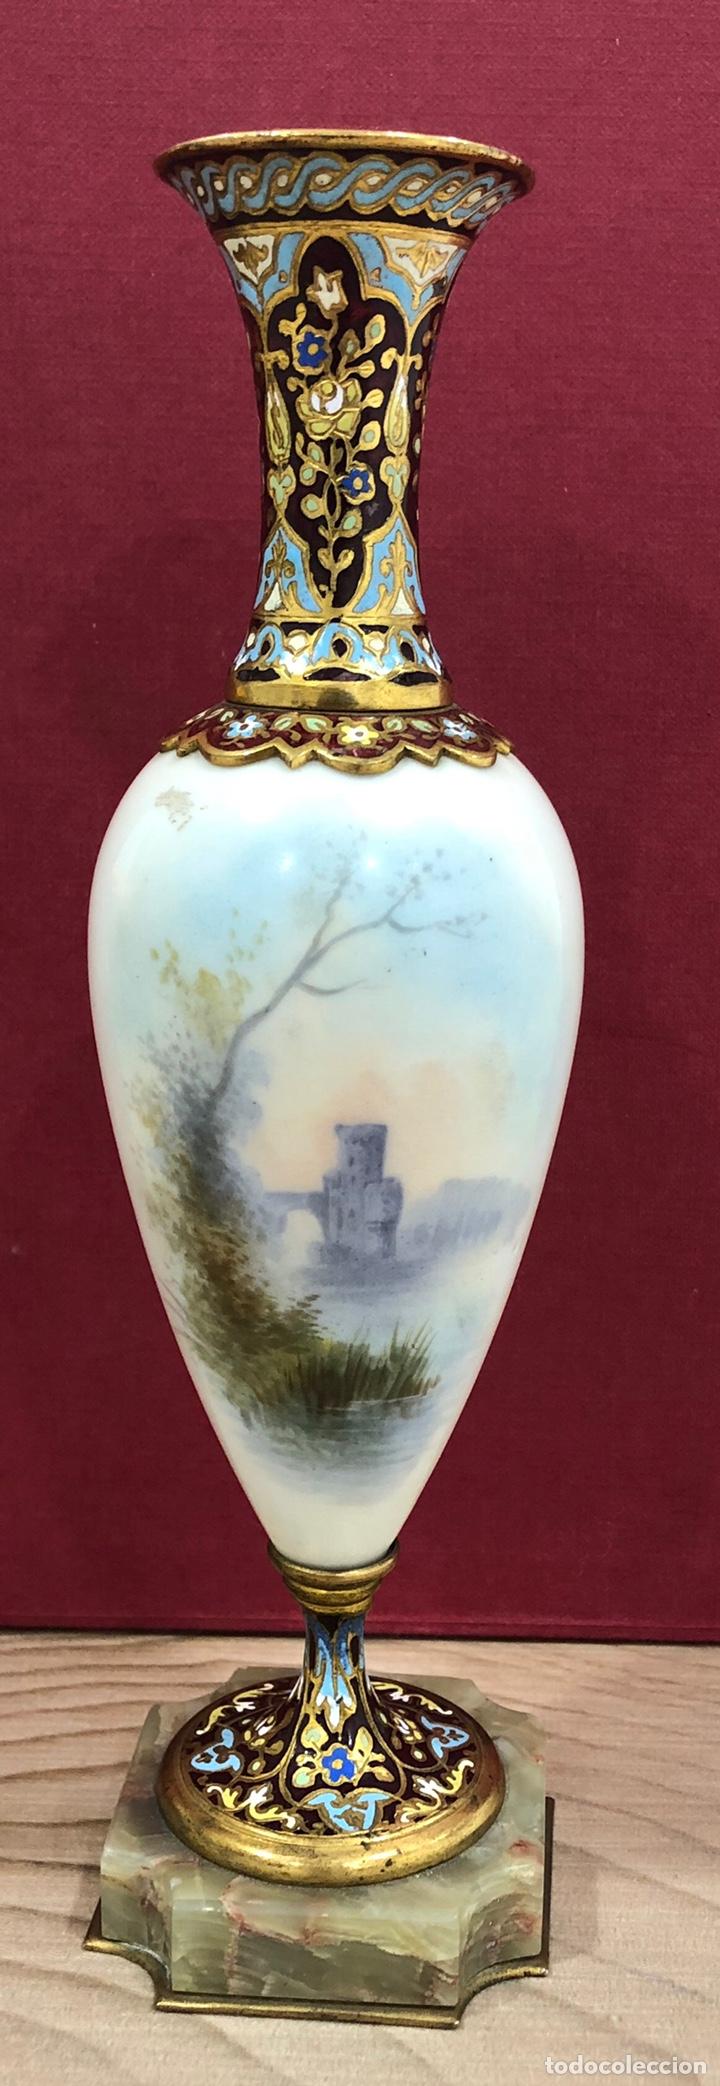 Antigüedades: Precioso Jarron de porcelana de Sevres, y cloissone. Napoleon III - Foto 2 - 218828713